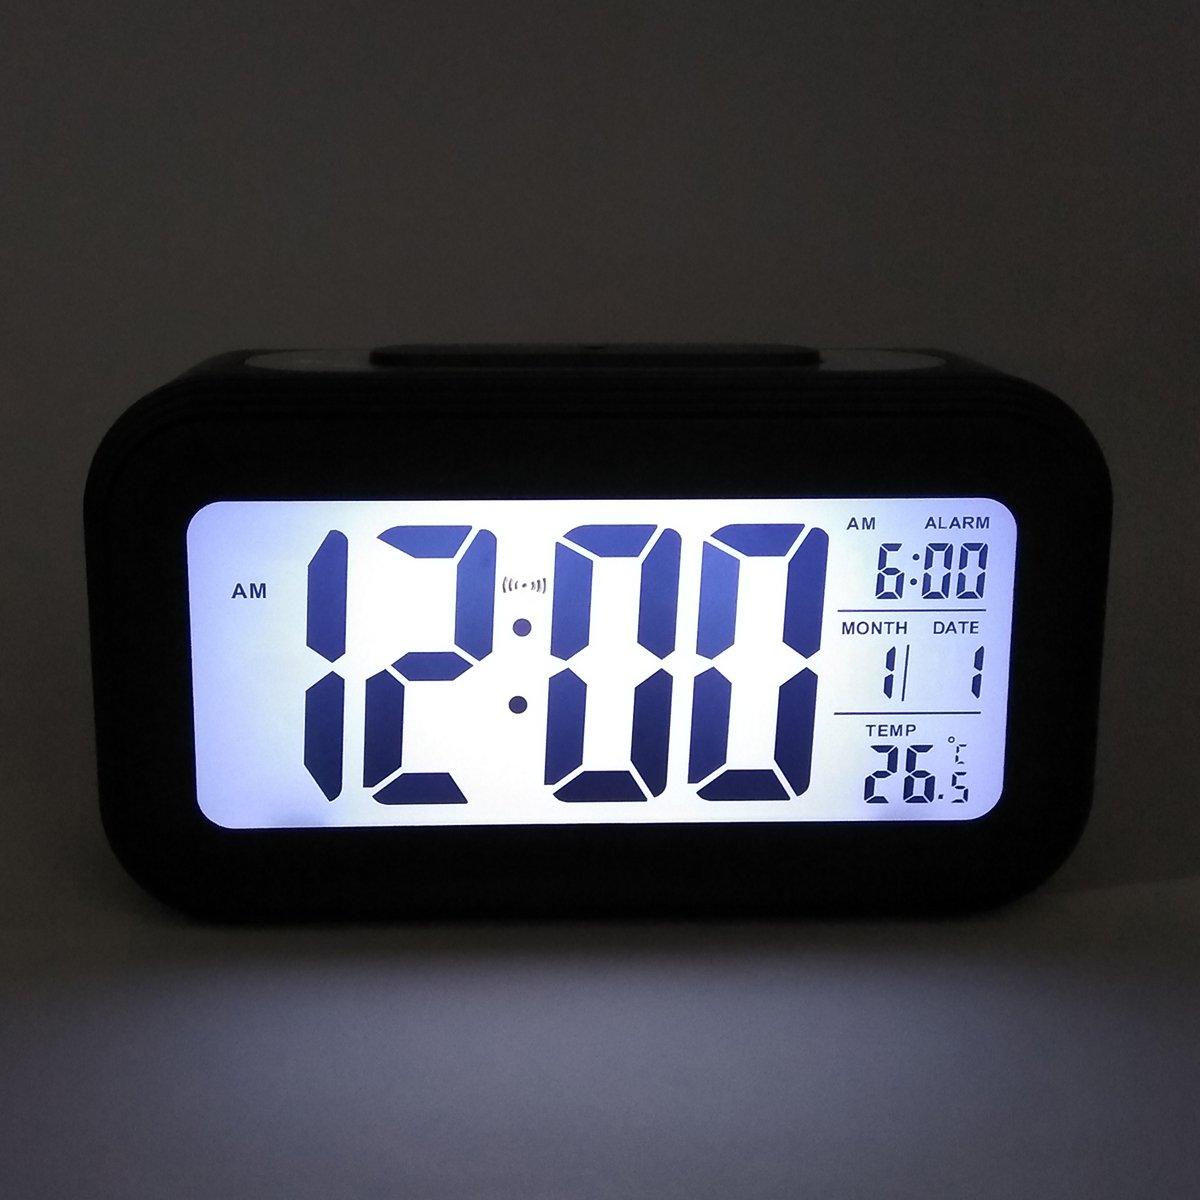 COOJA Reloj Despertador Digital con Sonido Fuerte, Alarma Despertador a Pilas con Numeros Grandes Snooze Luz Temperatura 12/24H, Despertadores de ...